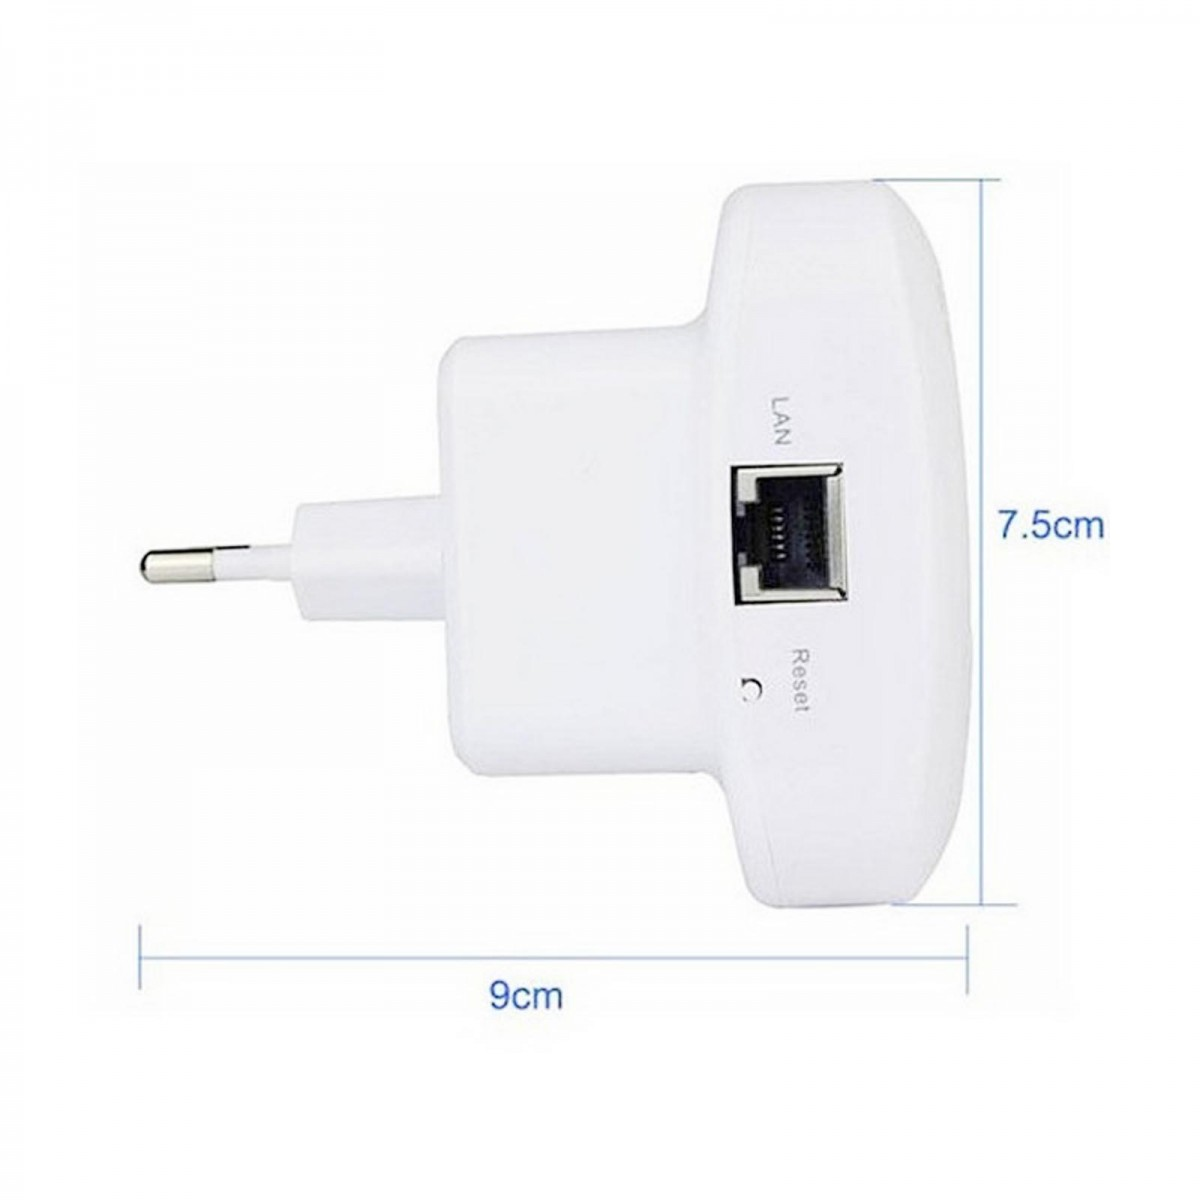 lemonbest wifi router wifi repeater wireless network 300mbps wifi ap wps encryption wifi range